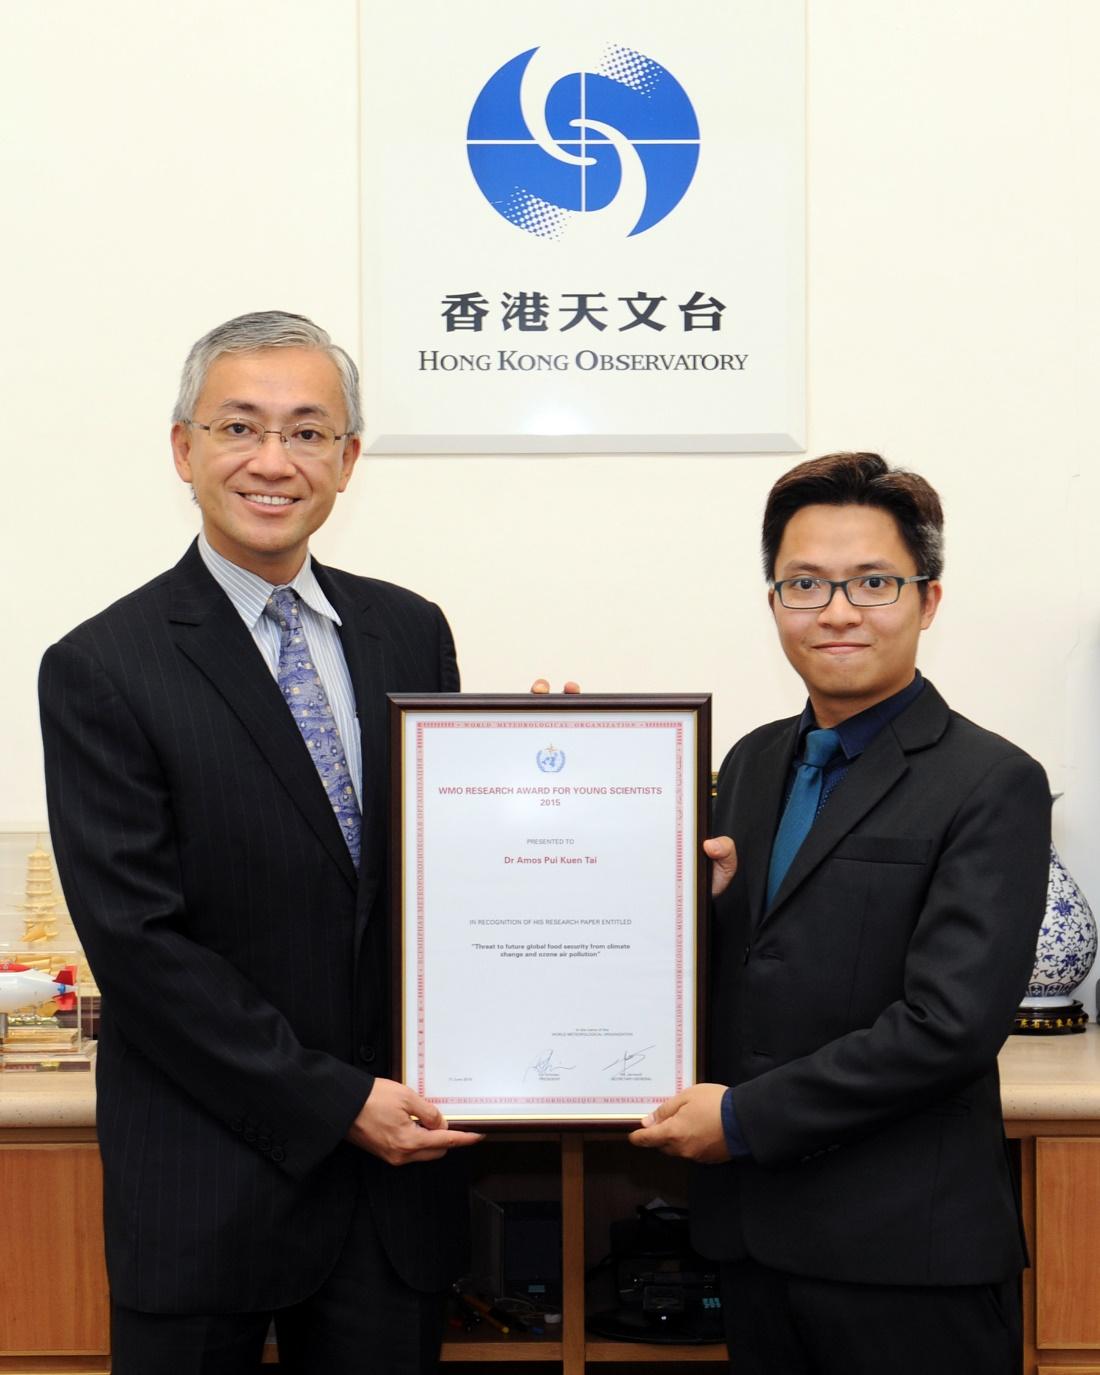 岑智明先生(左)頒發2015年度「世界氣象組織青年科學家研究獎」予戴沛權教授(右)。